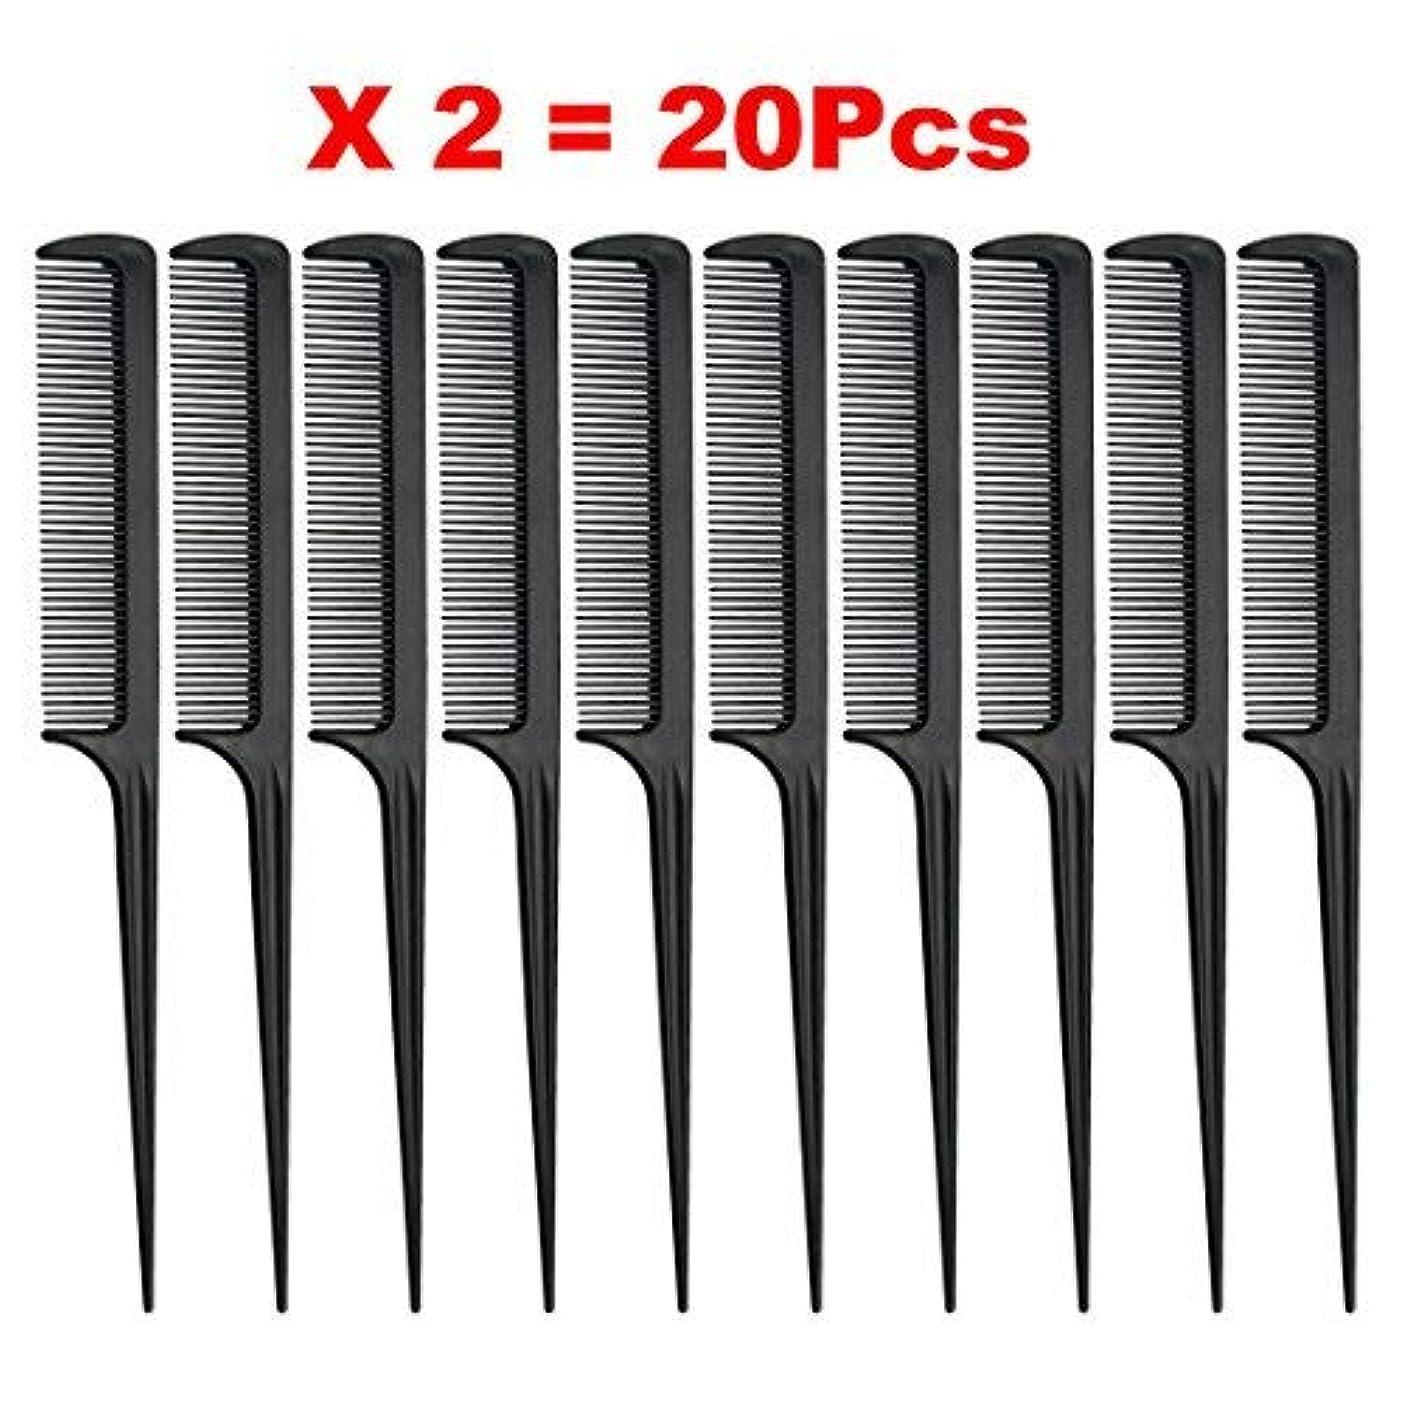 失礼なオプショナル公平なRat Tail Comb, Black, 8.3 Inch - Pack of 20 (Tail Comb) [並行輸入品]